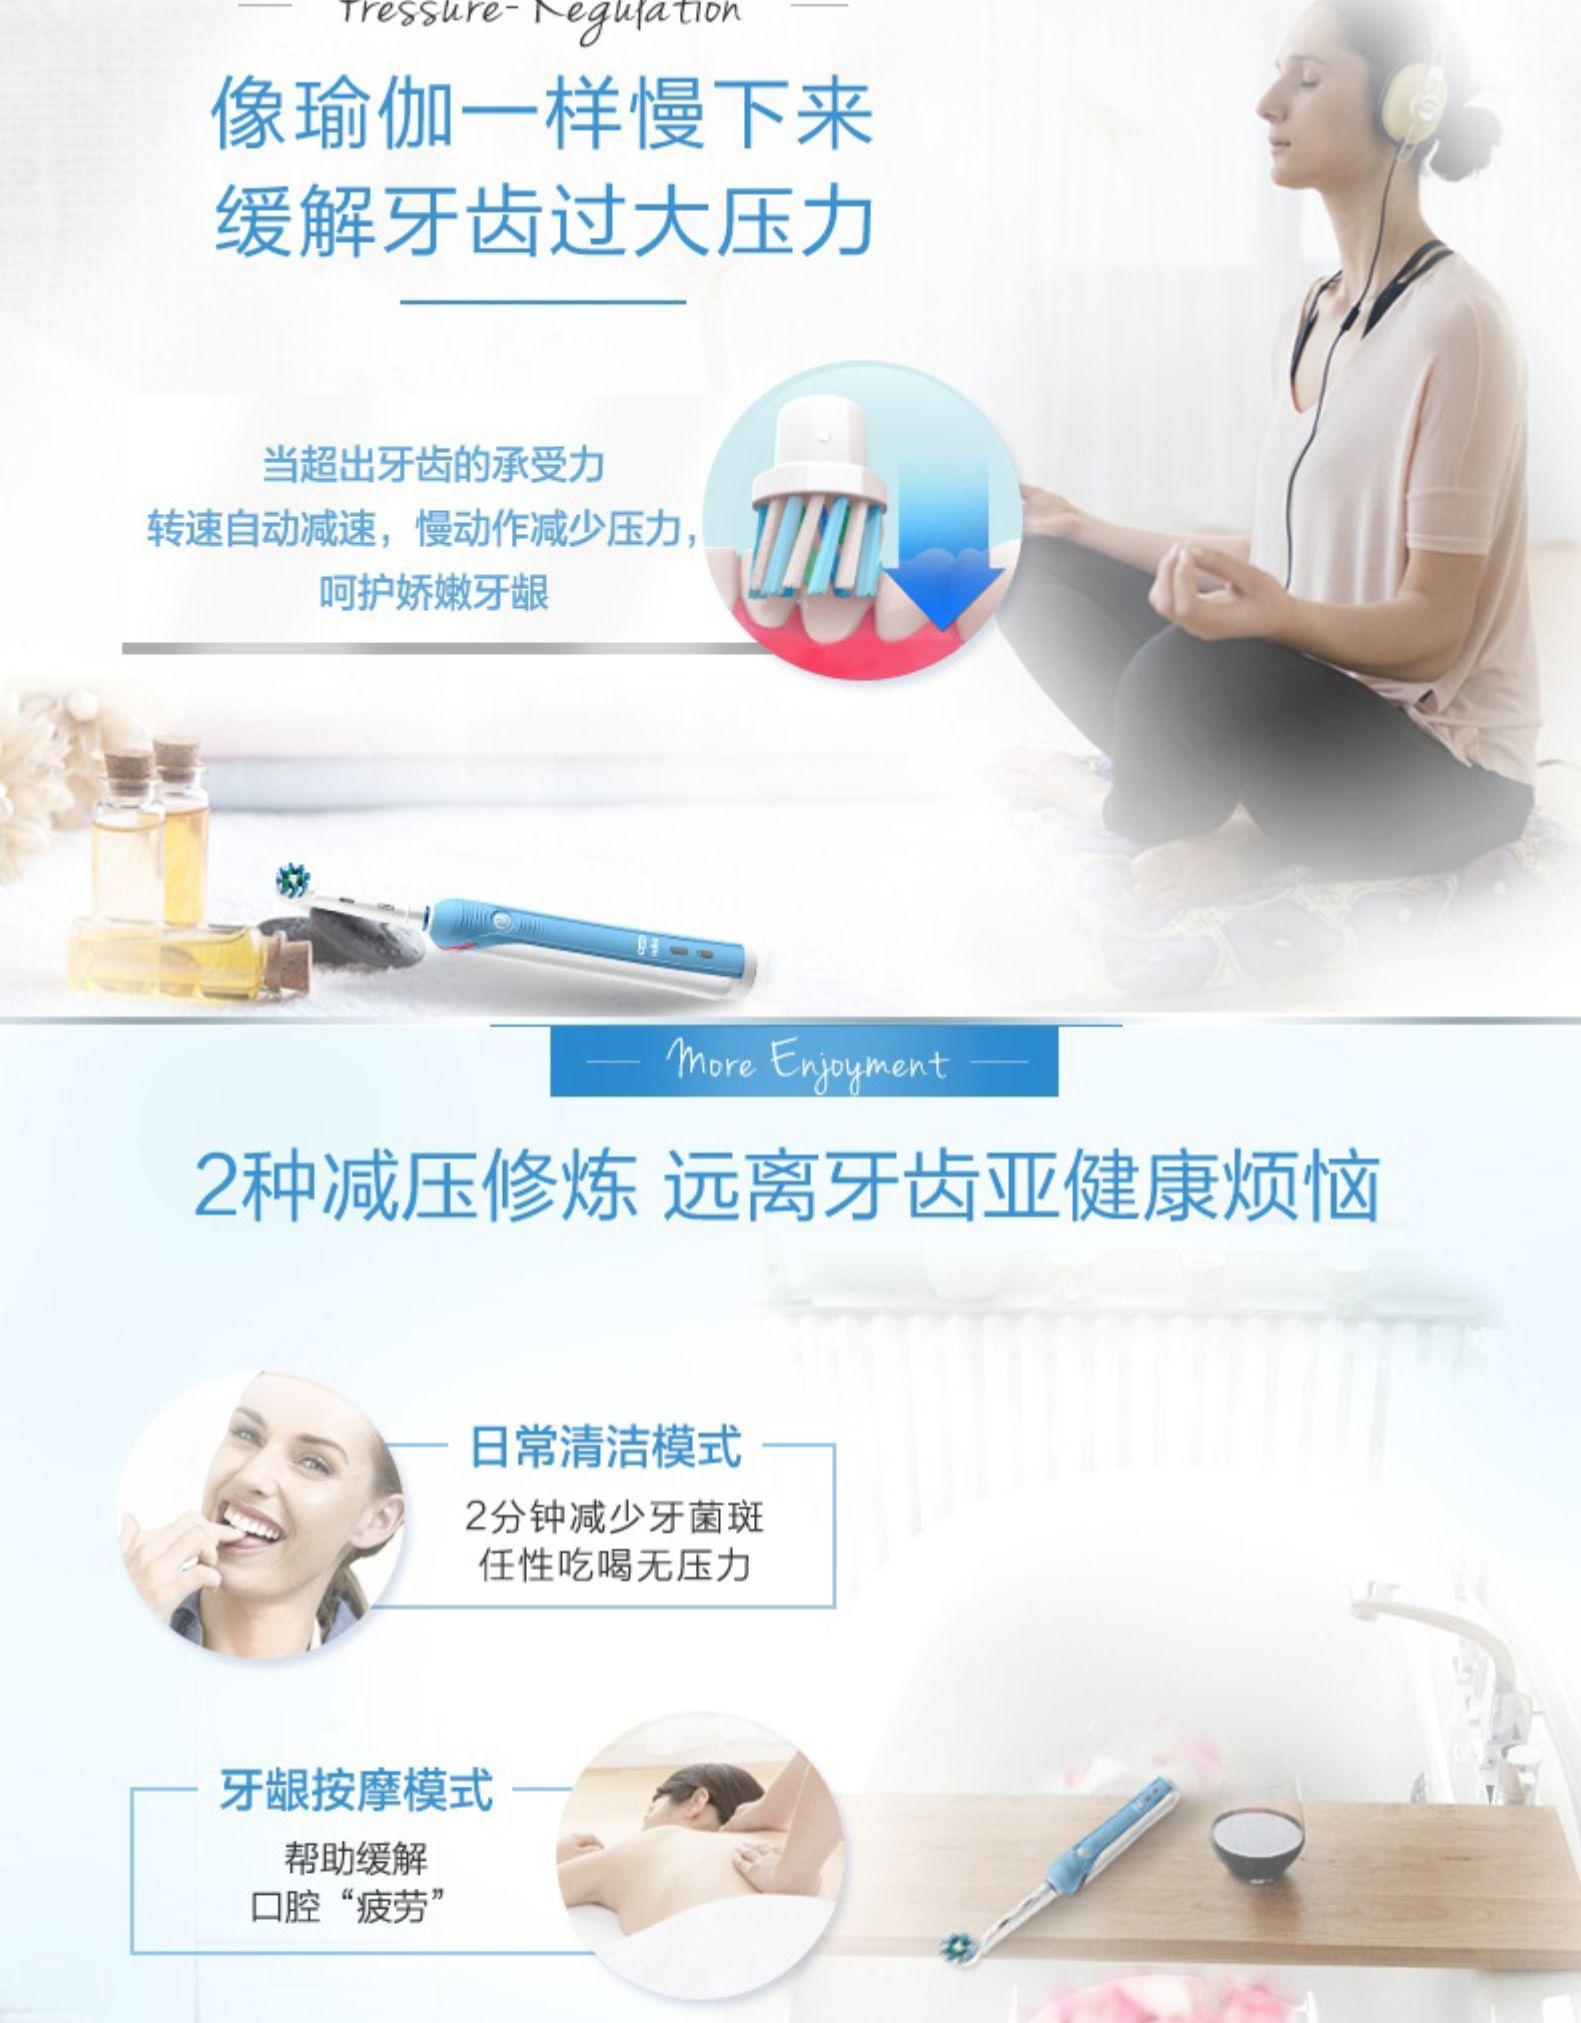 德国进口 欧乐-B P2000 3D声波电动牙刷 智能压力感应 图8